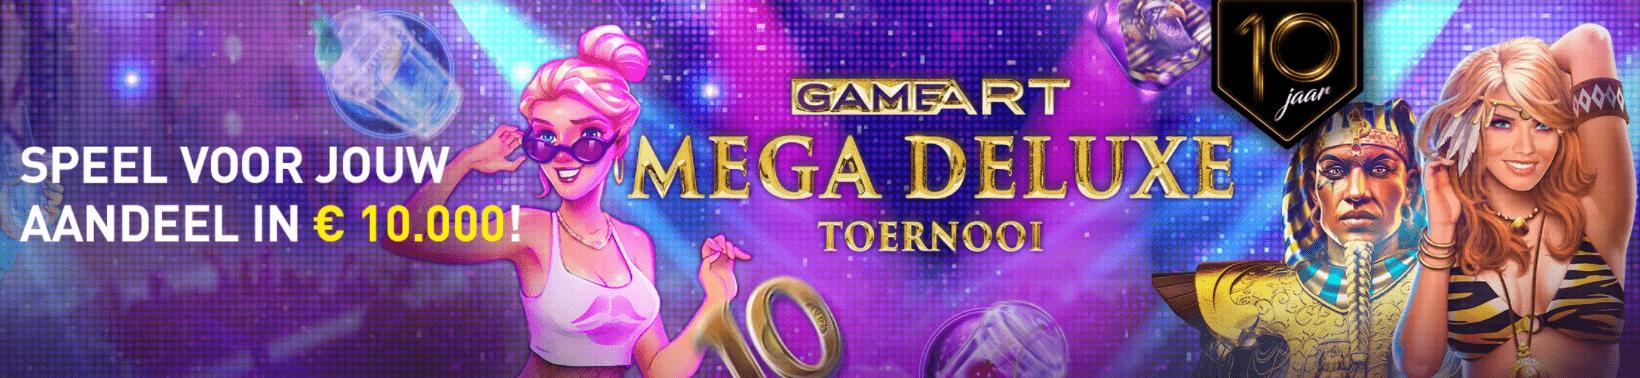 GameArt Mega Deluxe toernooi Online Casino 777 speelhal 10e verjaardag €10.000 Prijzenpot 2021